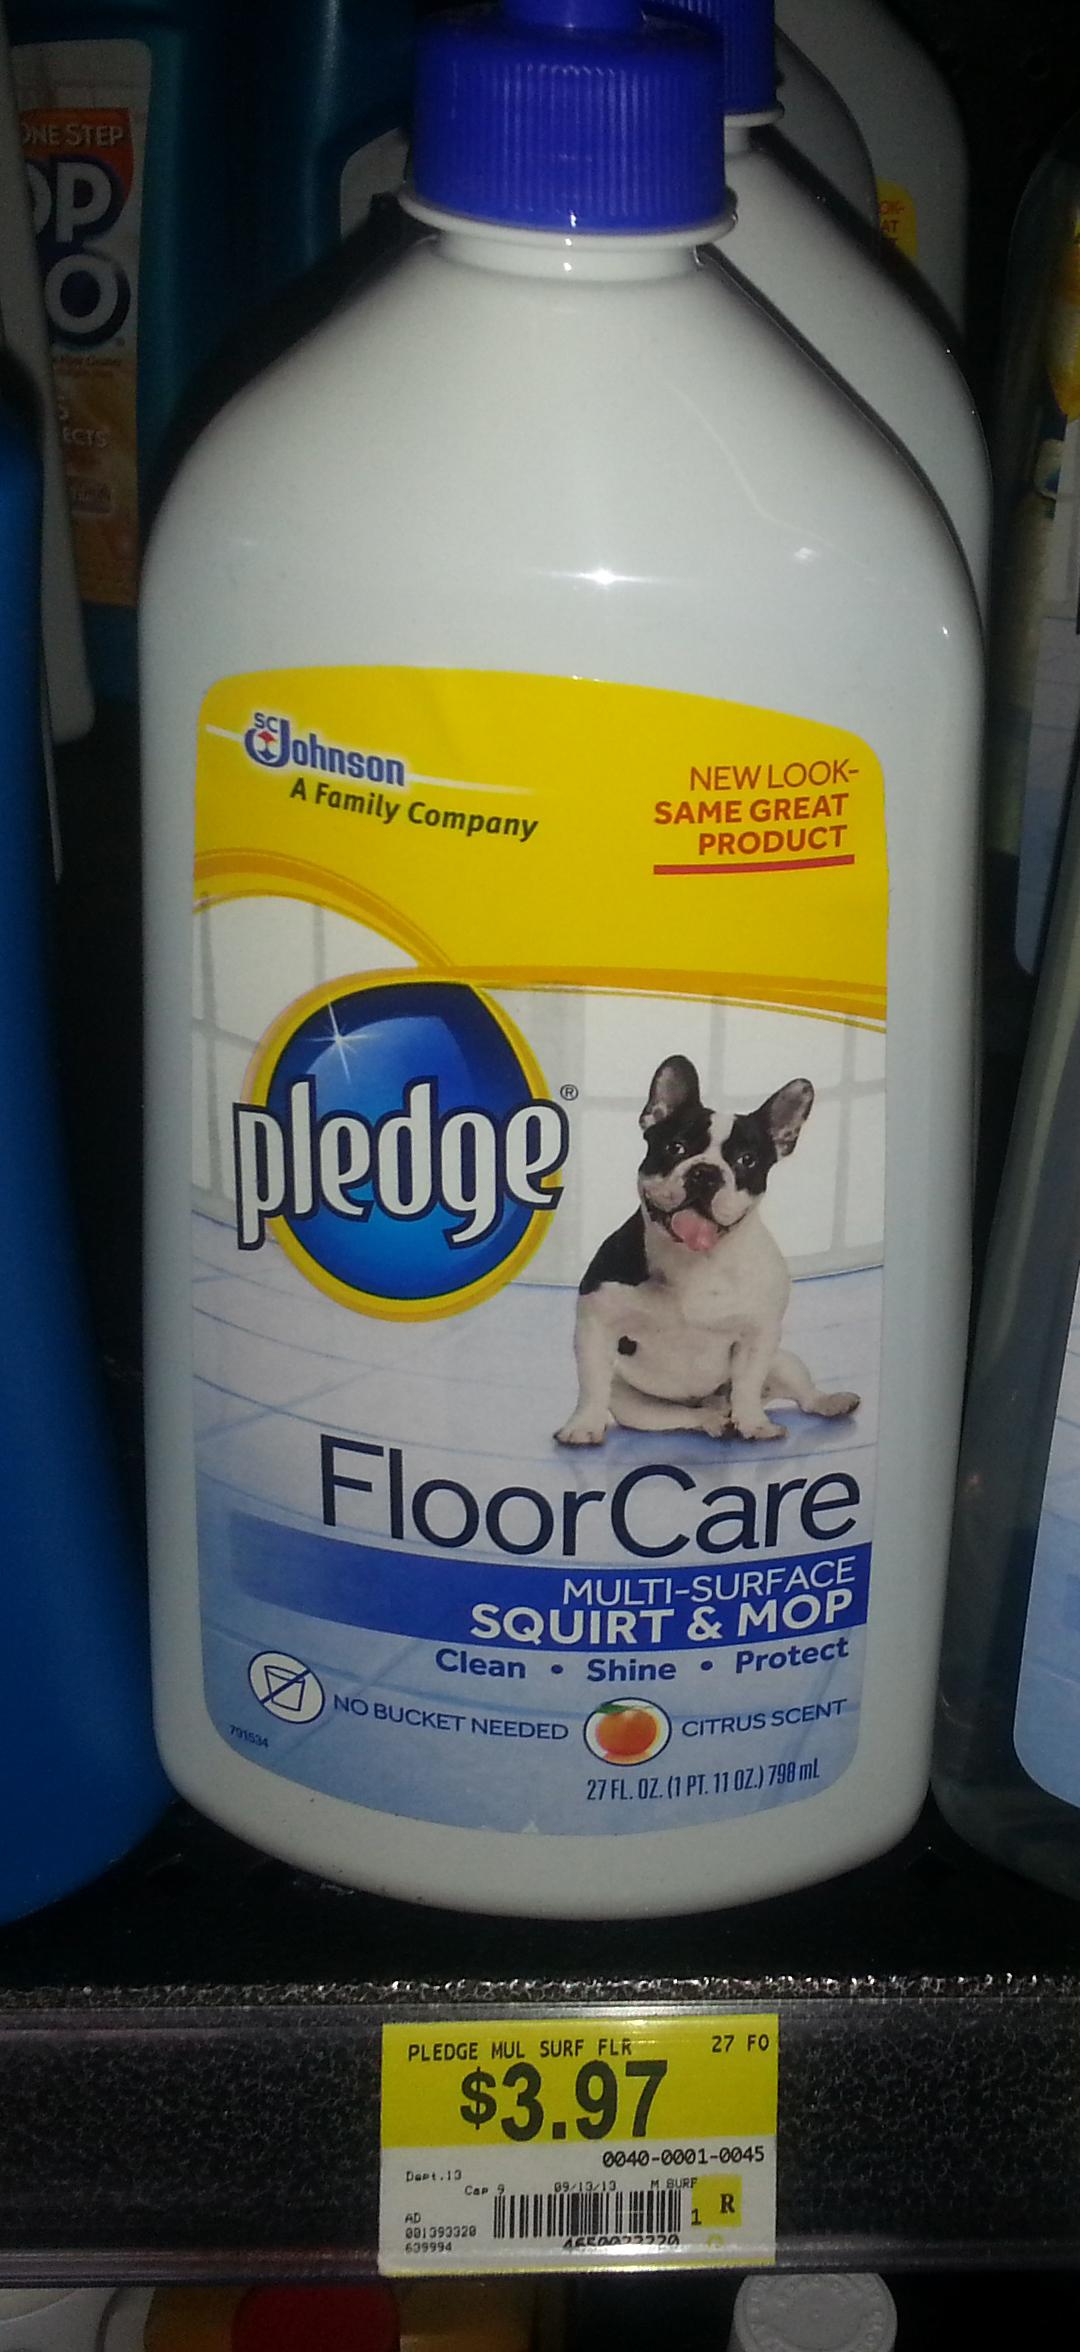 Pledge FloorCare Just $2.47 at Walmart!